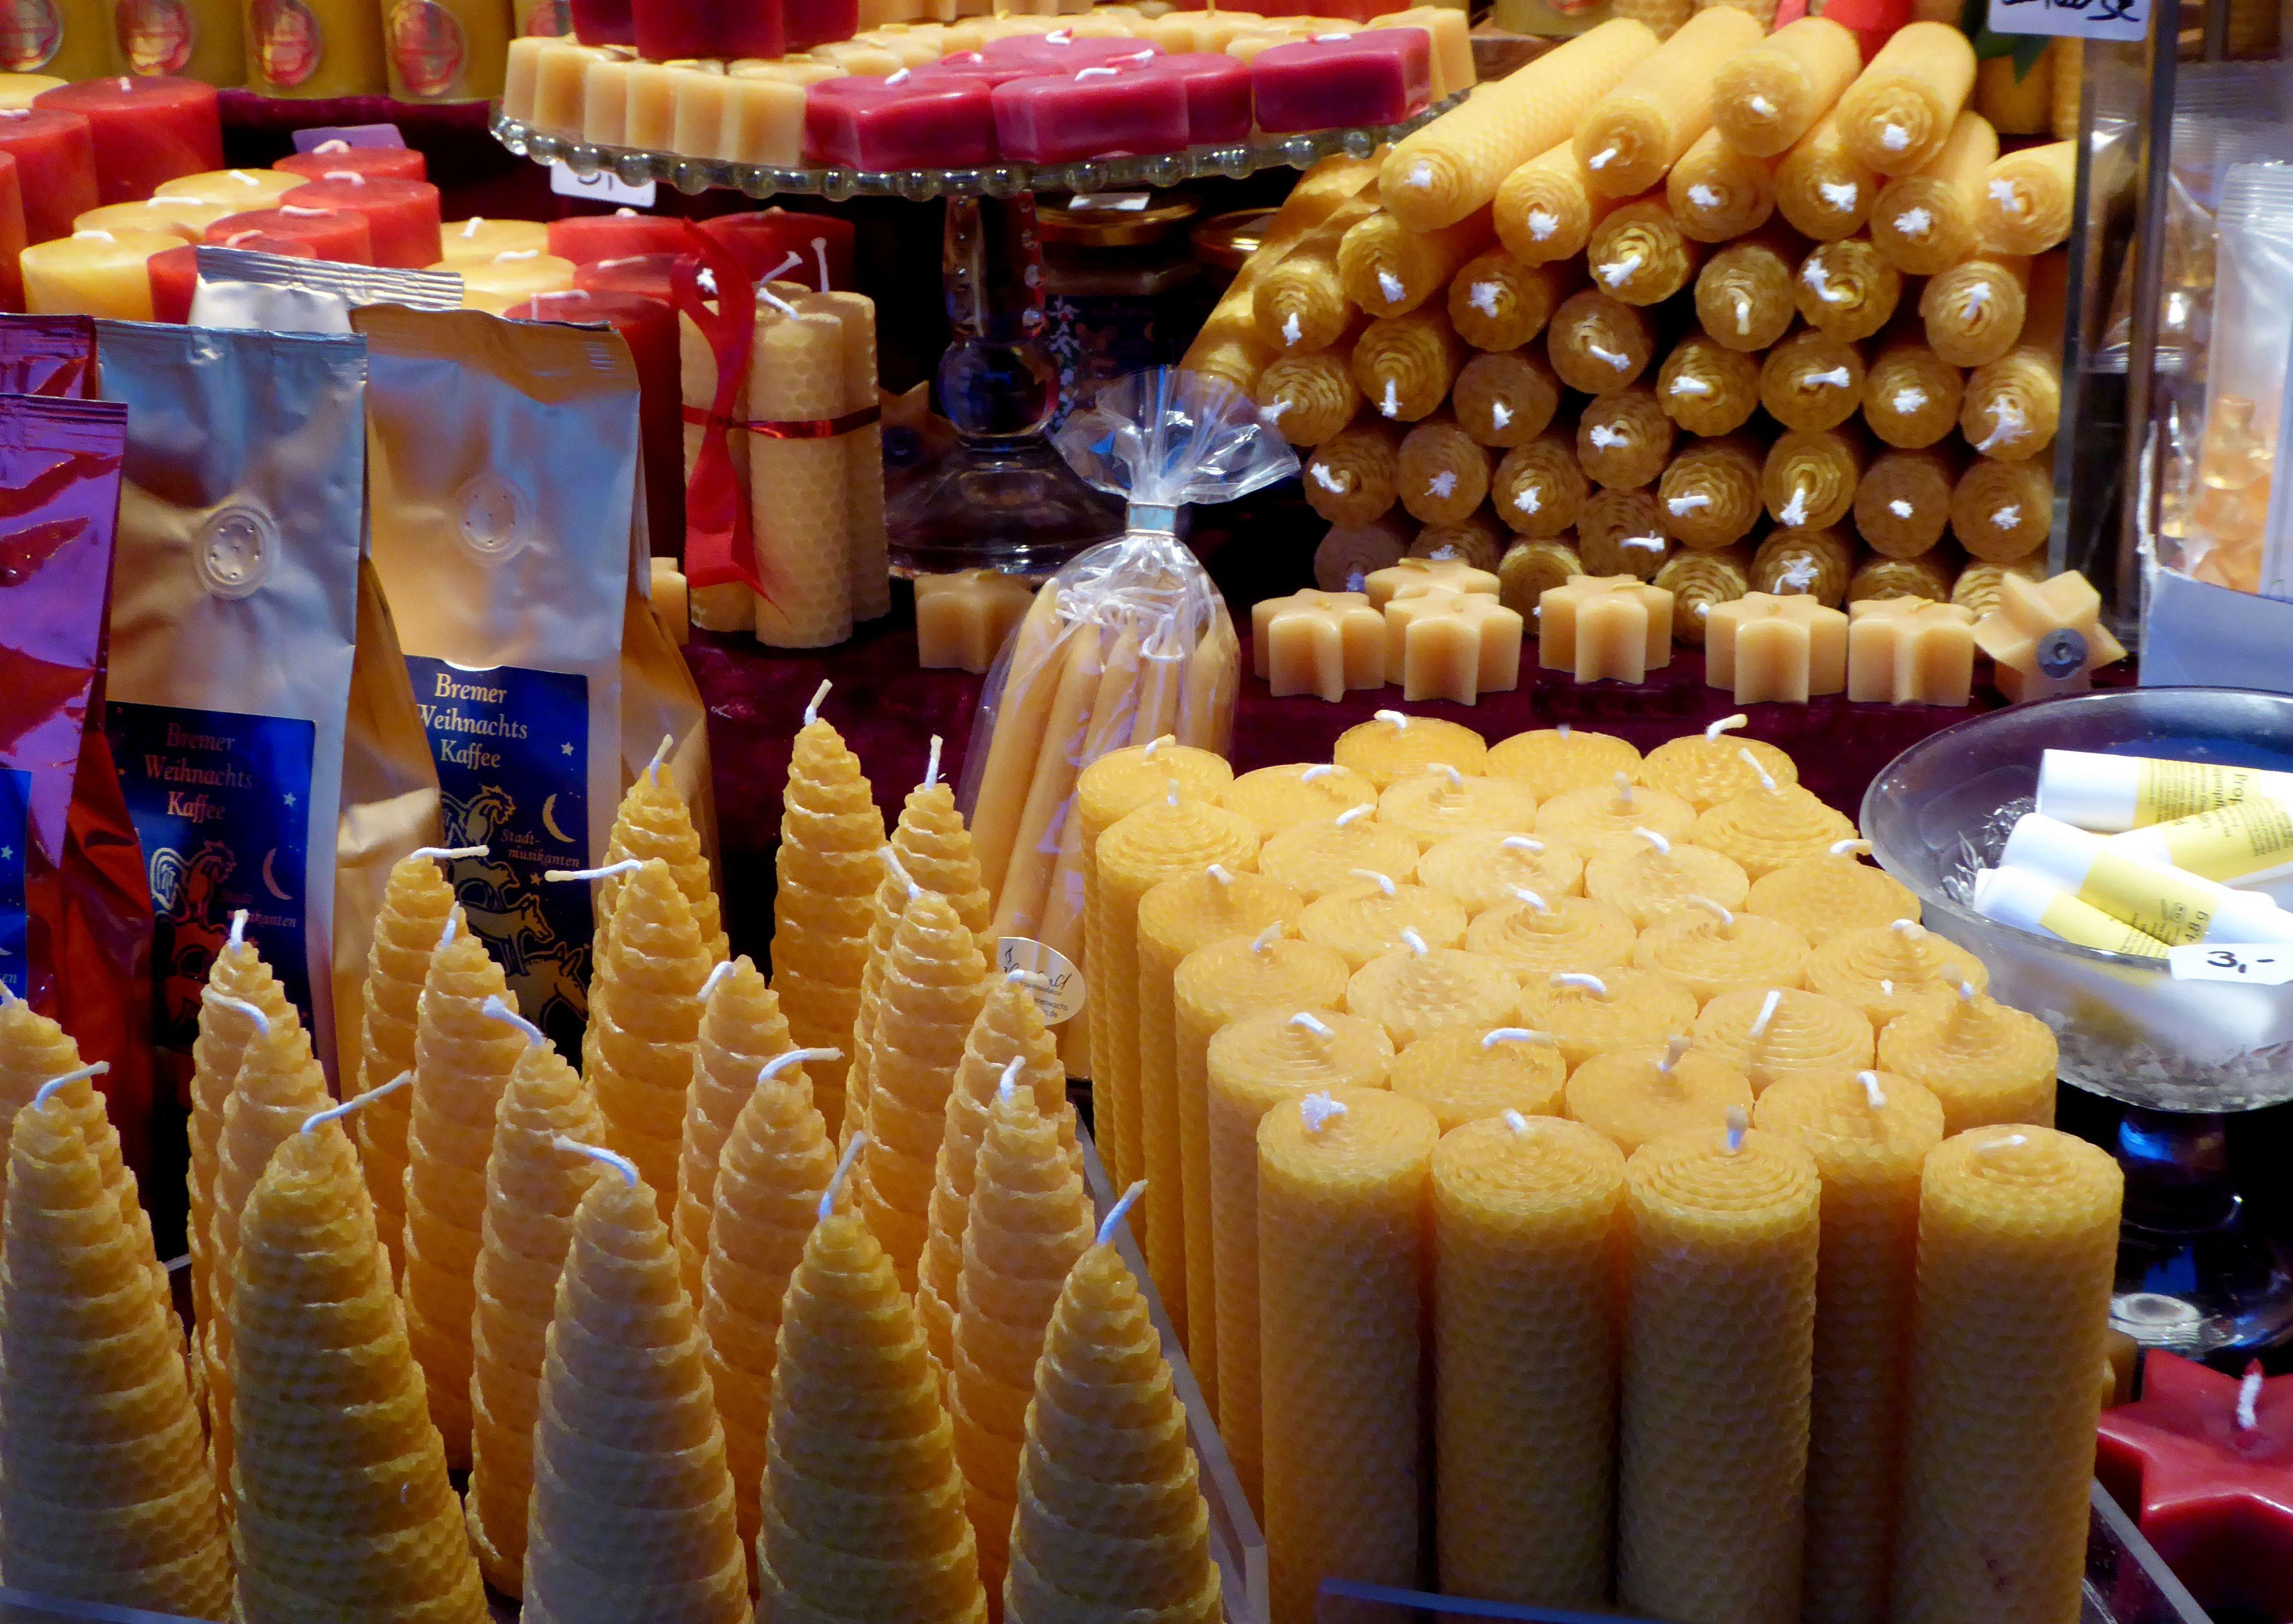 Exceptionnel Images Gratuites : repas, aliments, romantique, jaune, dessert  LV67